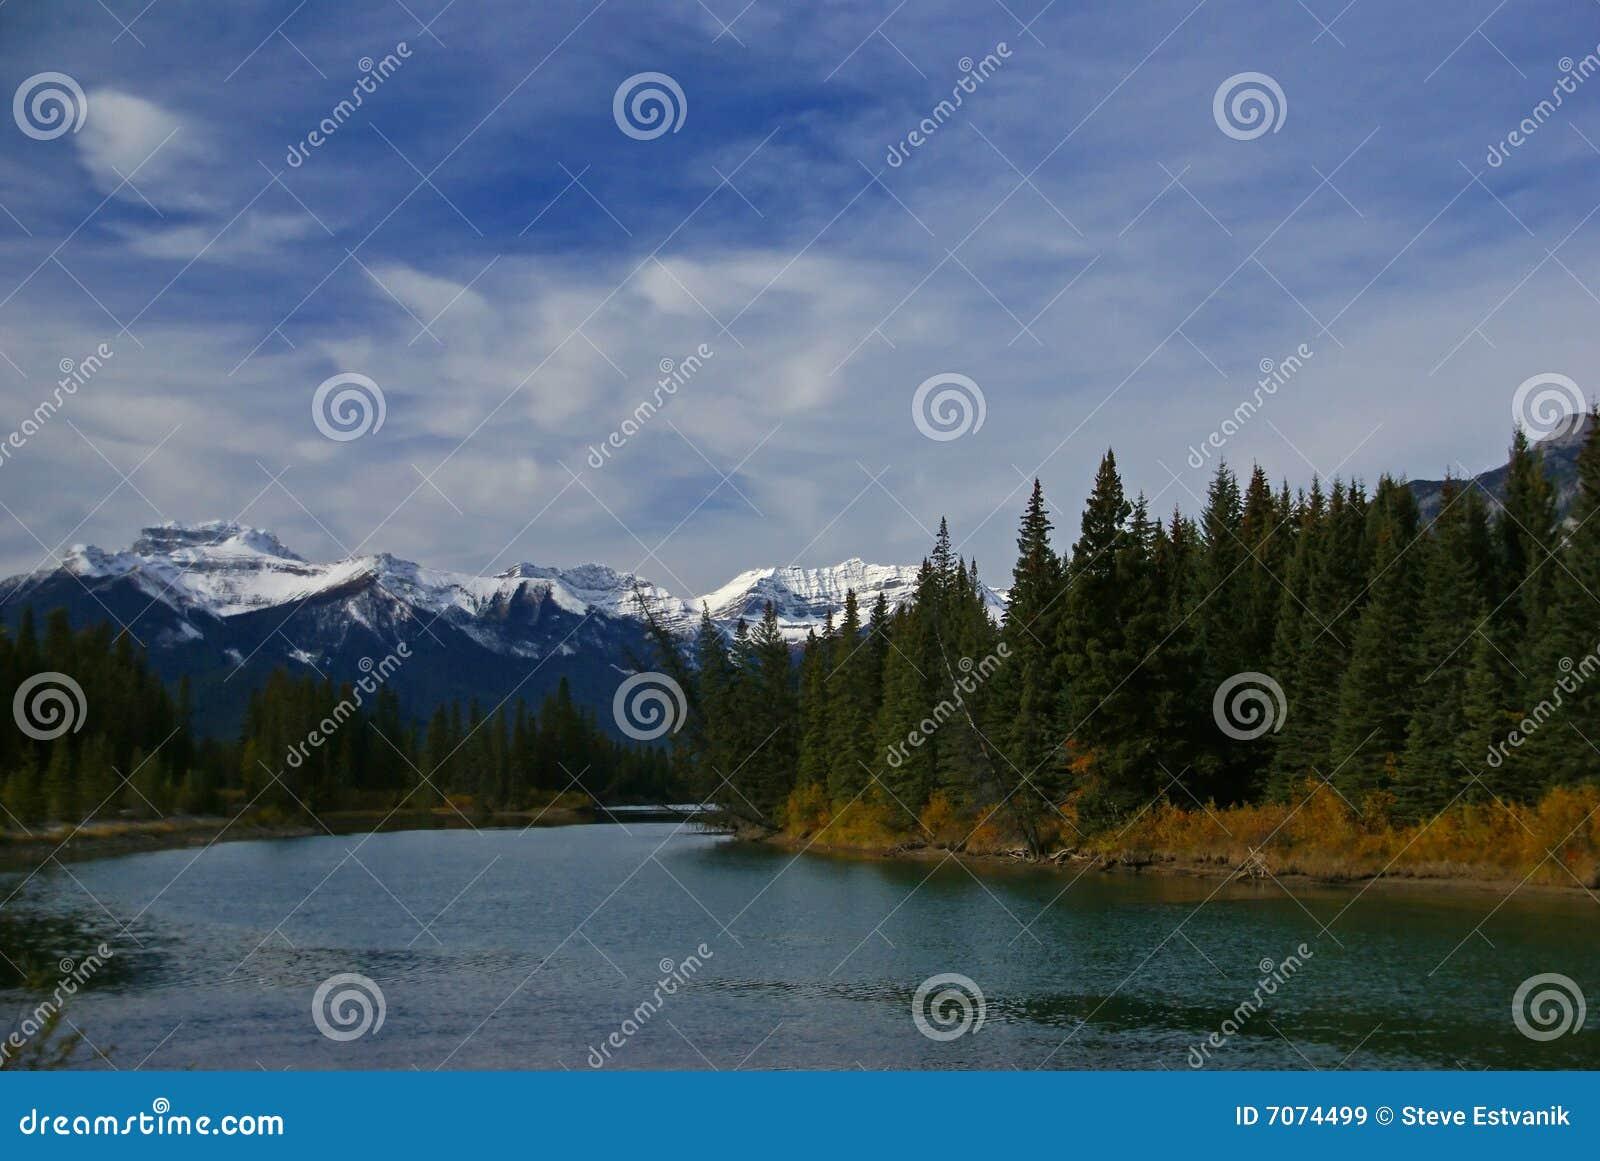 De Berg van de Squaw van Stoney, met de Rivier van de Boog